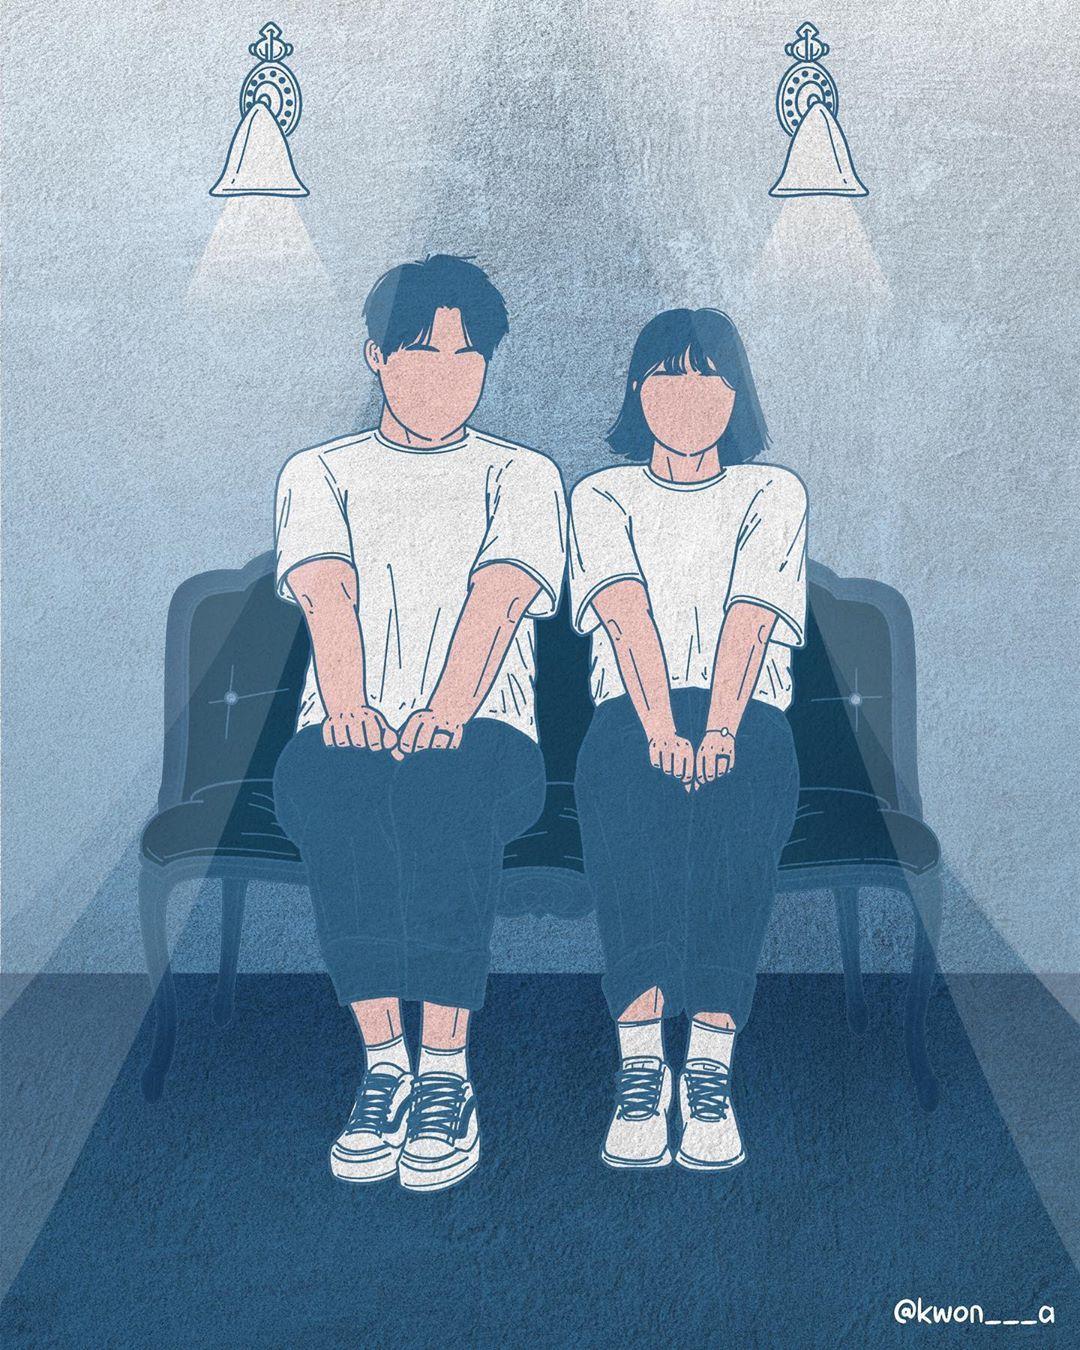 韩国插画师kwon___a笔下的情侣亲密照 涨姿势 第13张